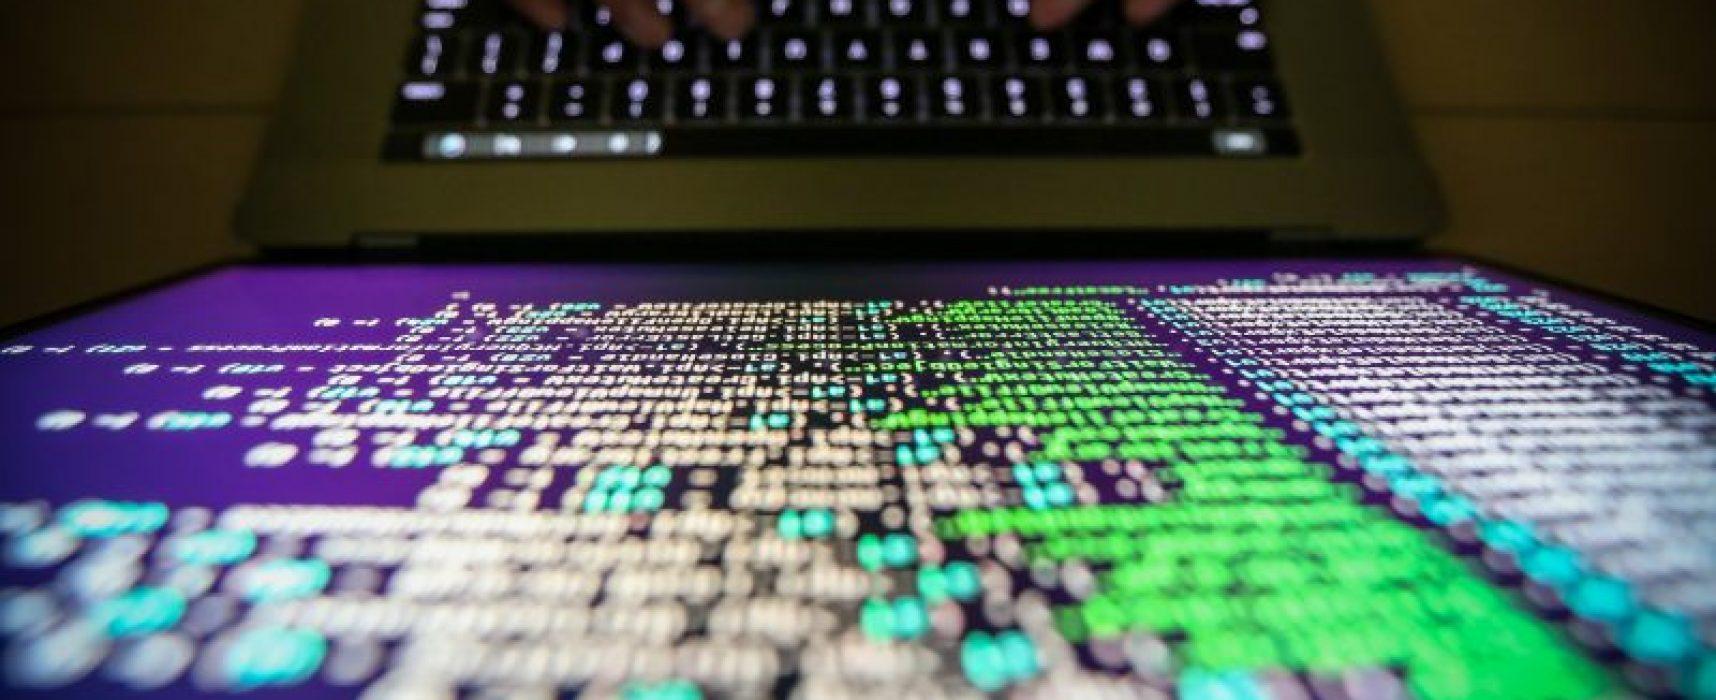 La menace des cyberattaques ressurgit à l'approche des élections européennes